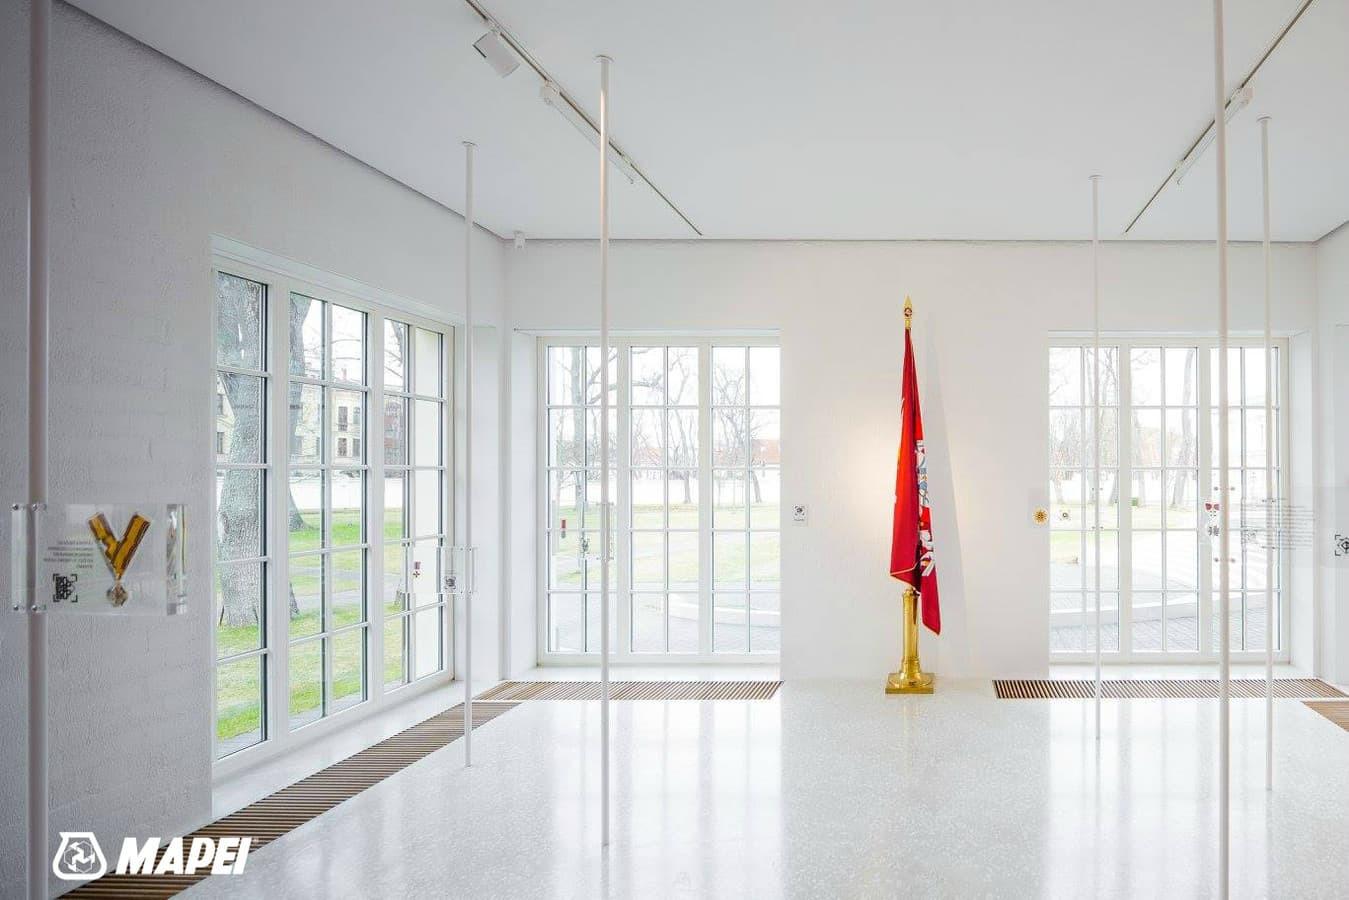 """ULTRATOP cementinė savaime išsilyginanti grindų danga. """"Terrazzo"""" efektas su marmuro užpildais, Valstybės pažinimo centras Vilniuje. http://velvemst.lt/uploads/Ultratop_LT.pdf"""